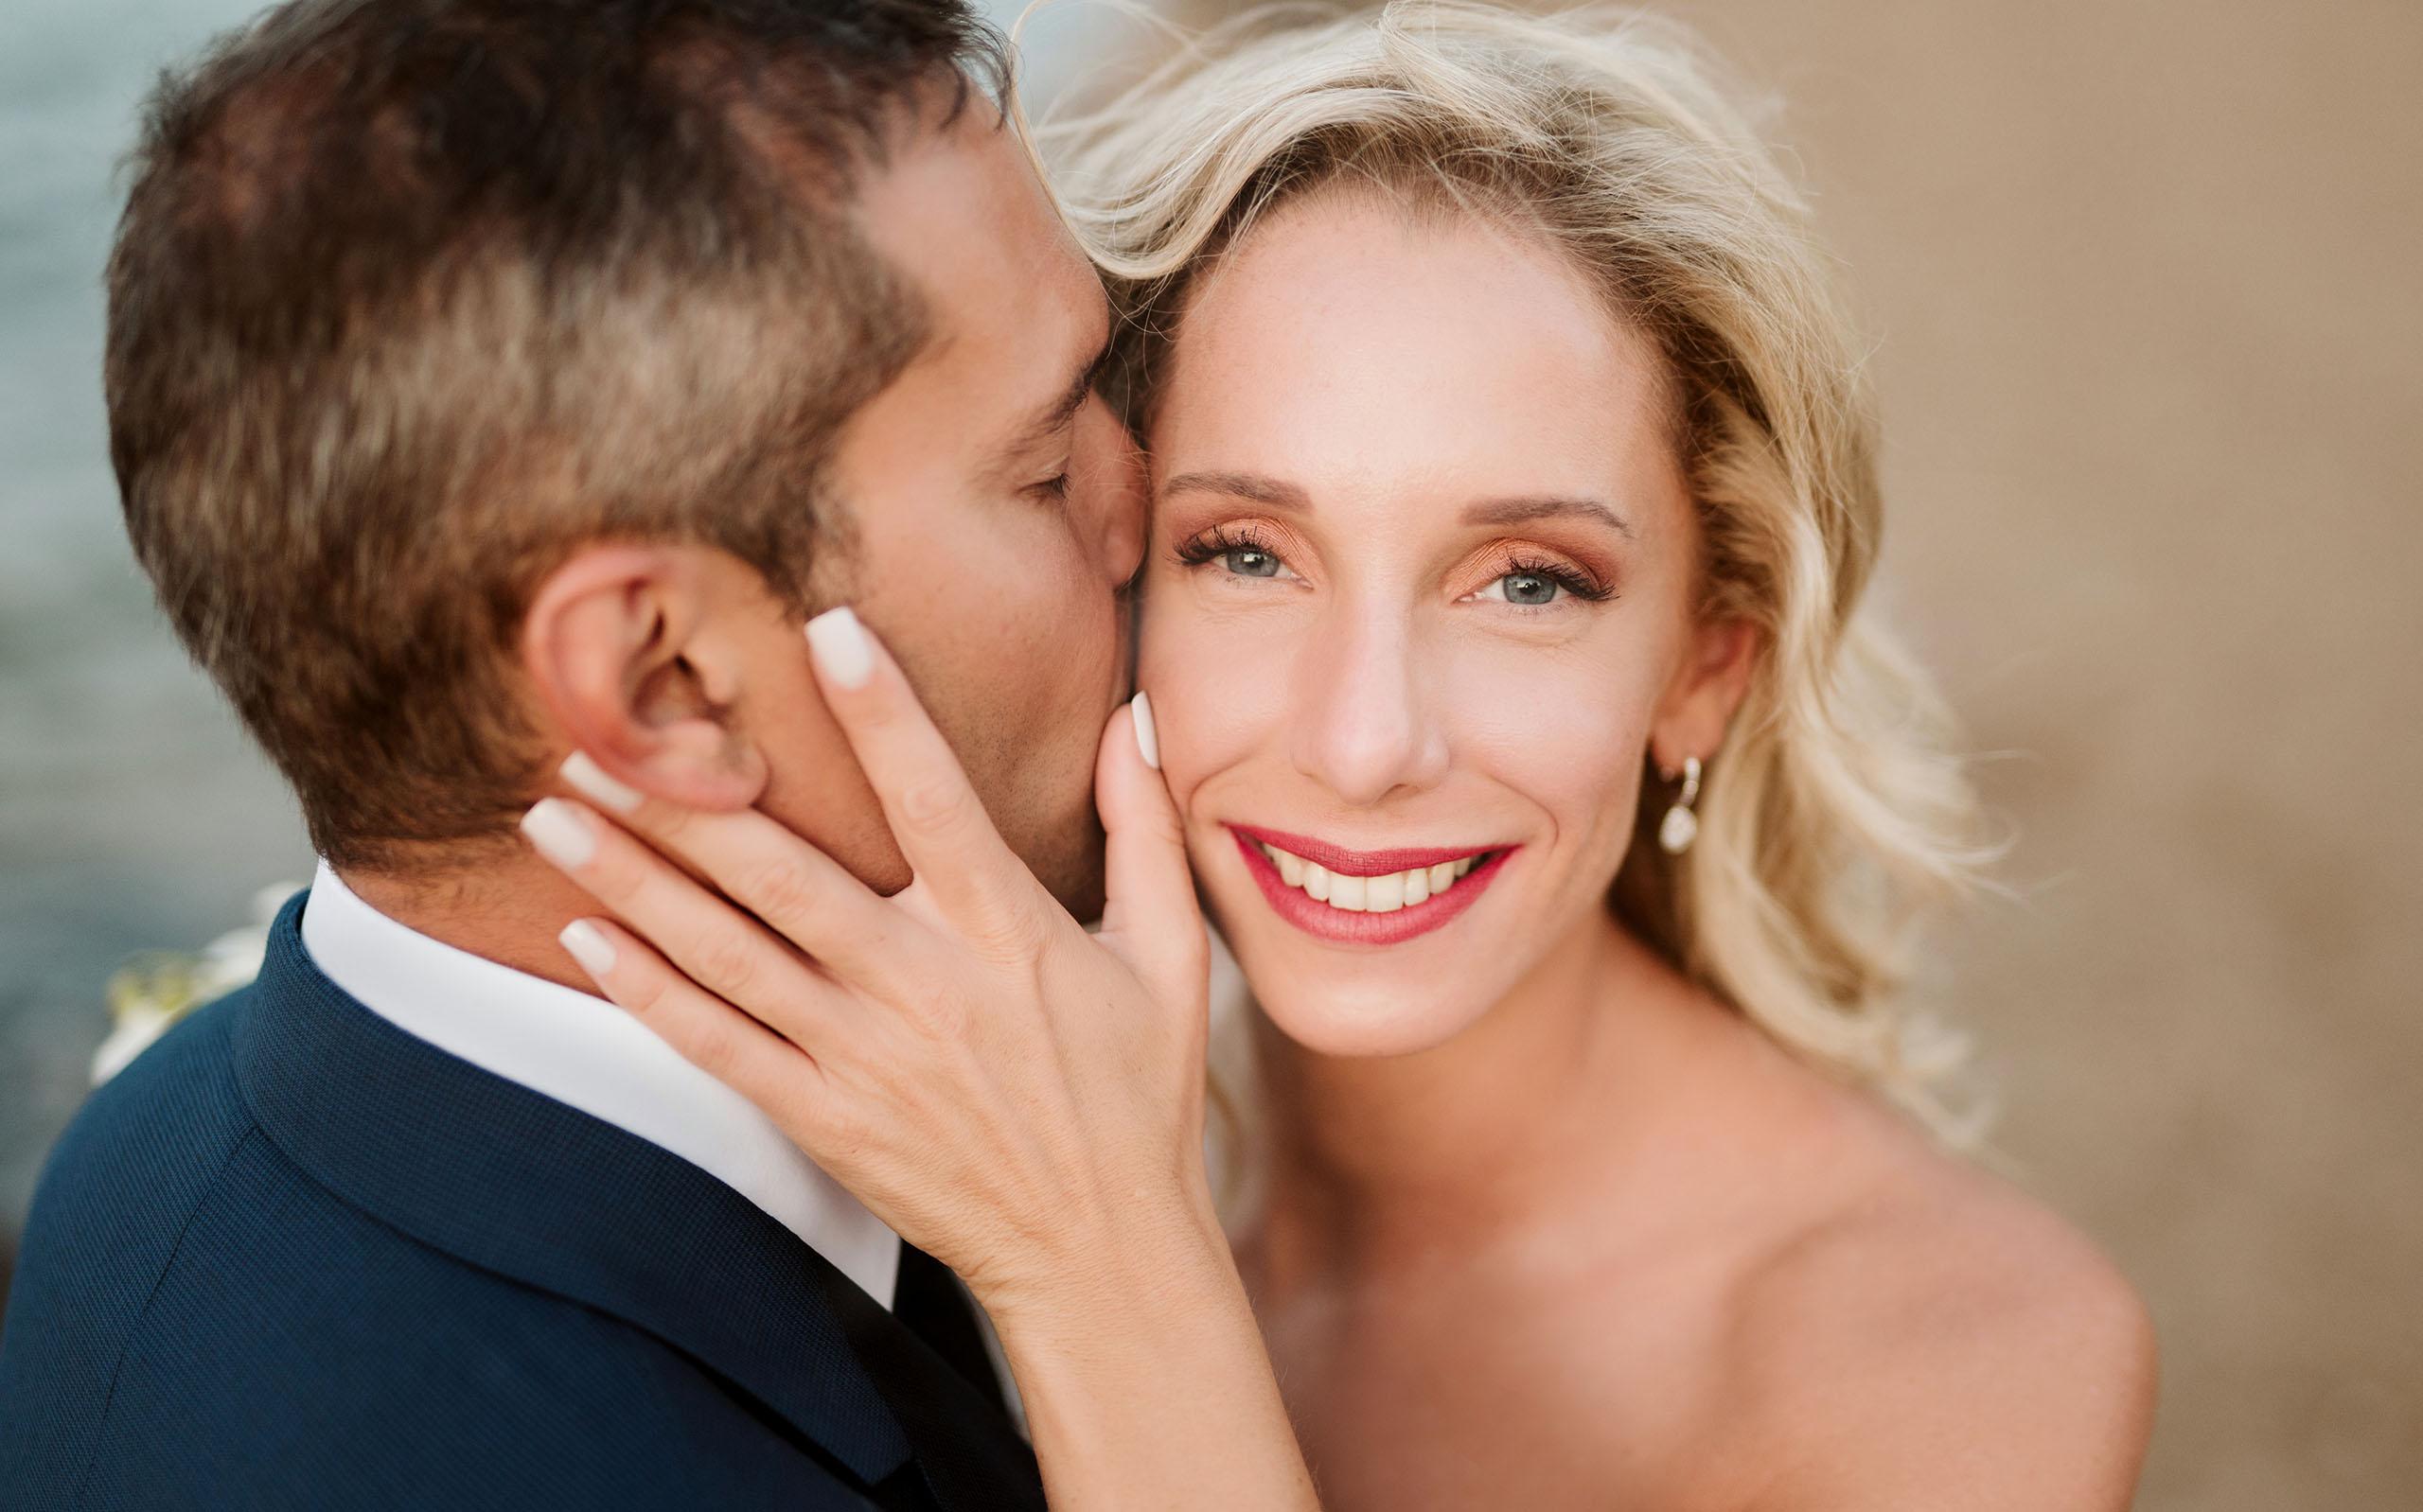 Σχεδιάζοντας έναν γάμο εν μέσω κορωνοϊού (Covid-19) - Eternal Studios